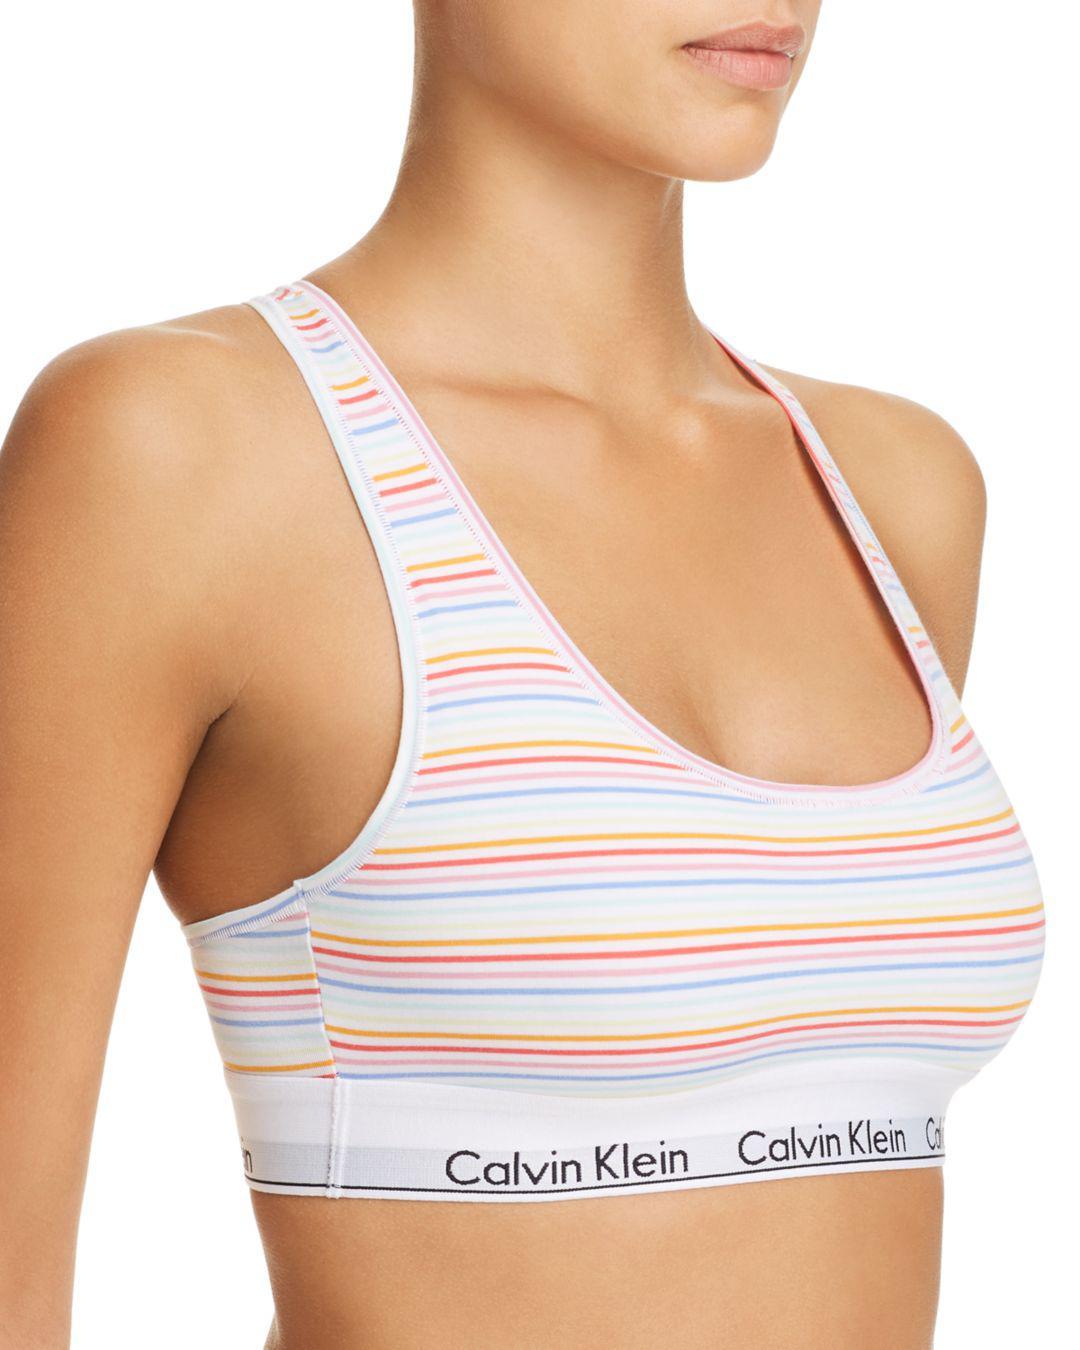 101ae087011 Calvin Klein Modern Cotton Pride Bralette in White - Lyst